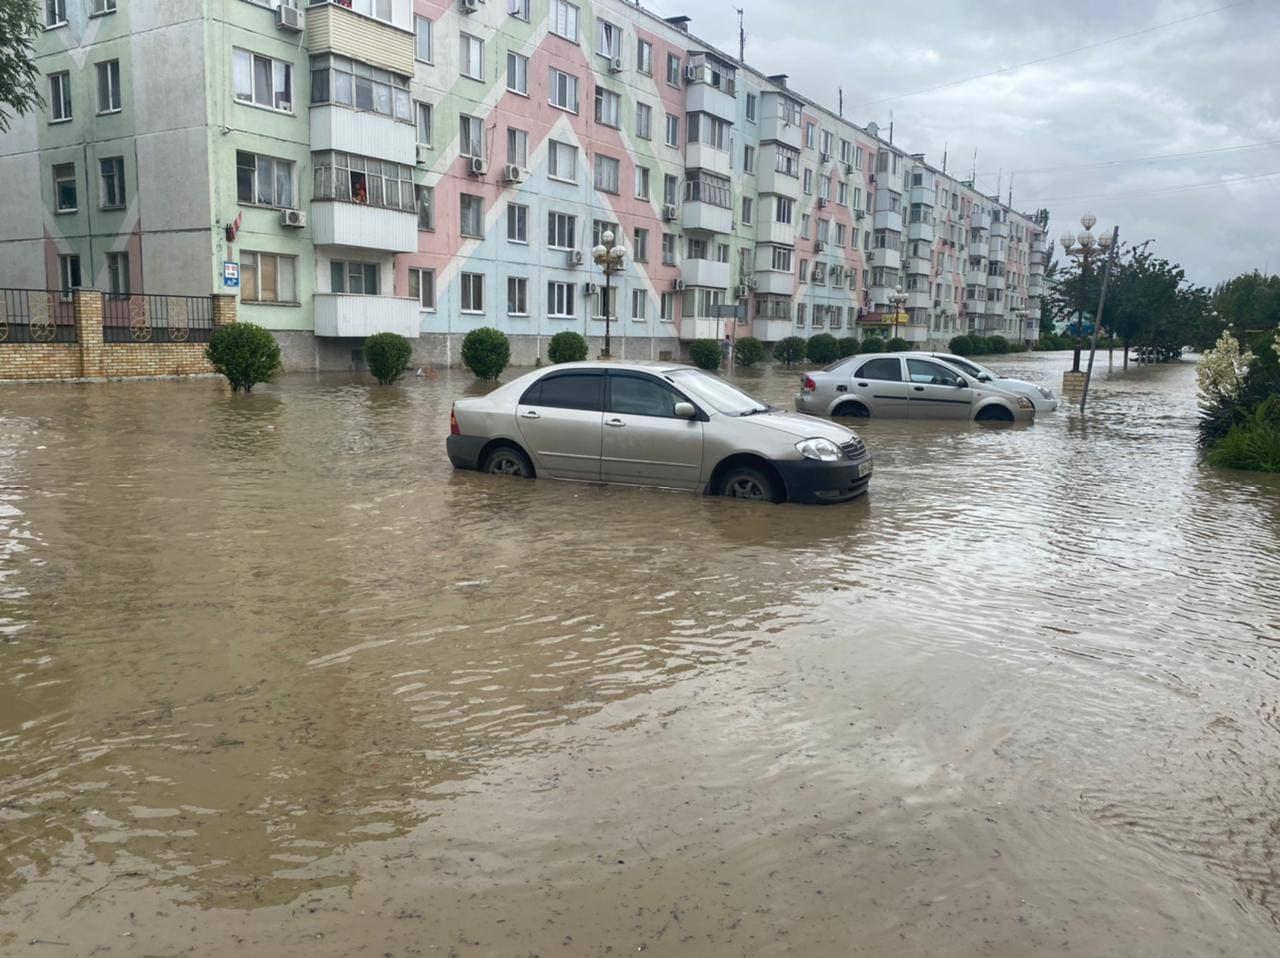 В Керчи после дождя затопило улицы. Фото, видео